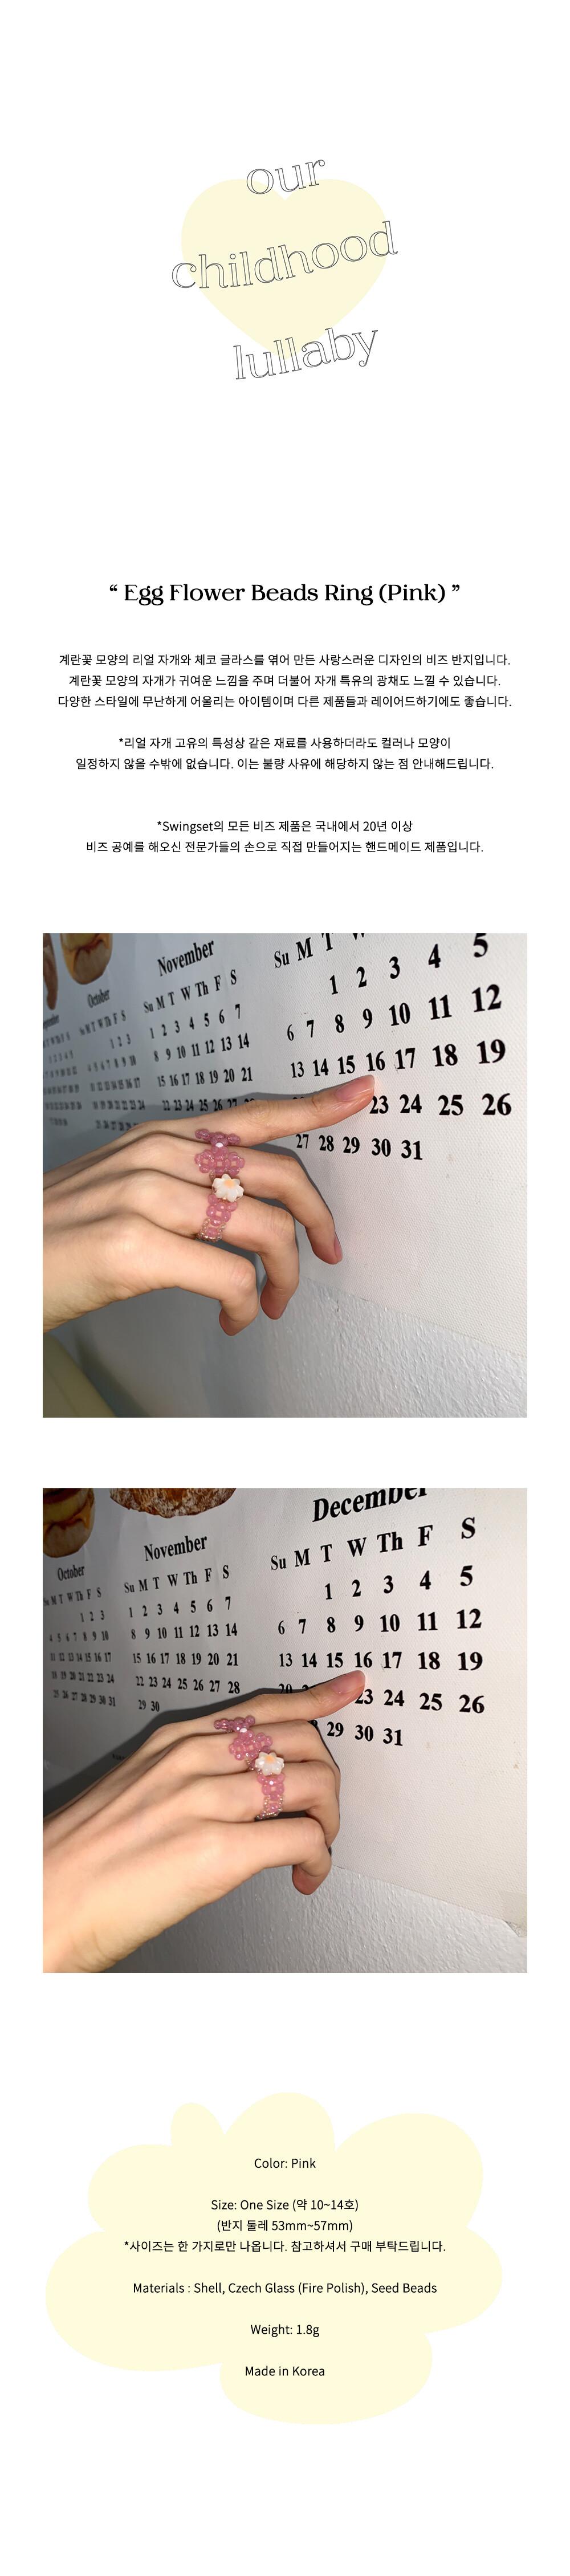 Egg Flower Beads Ring (Pink)